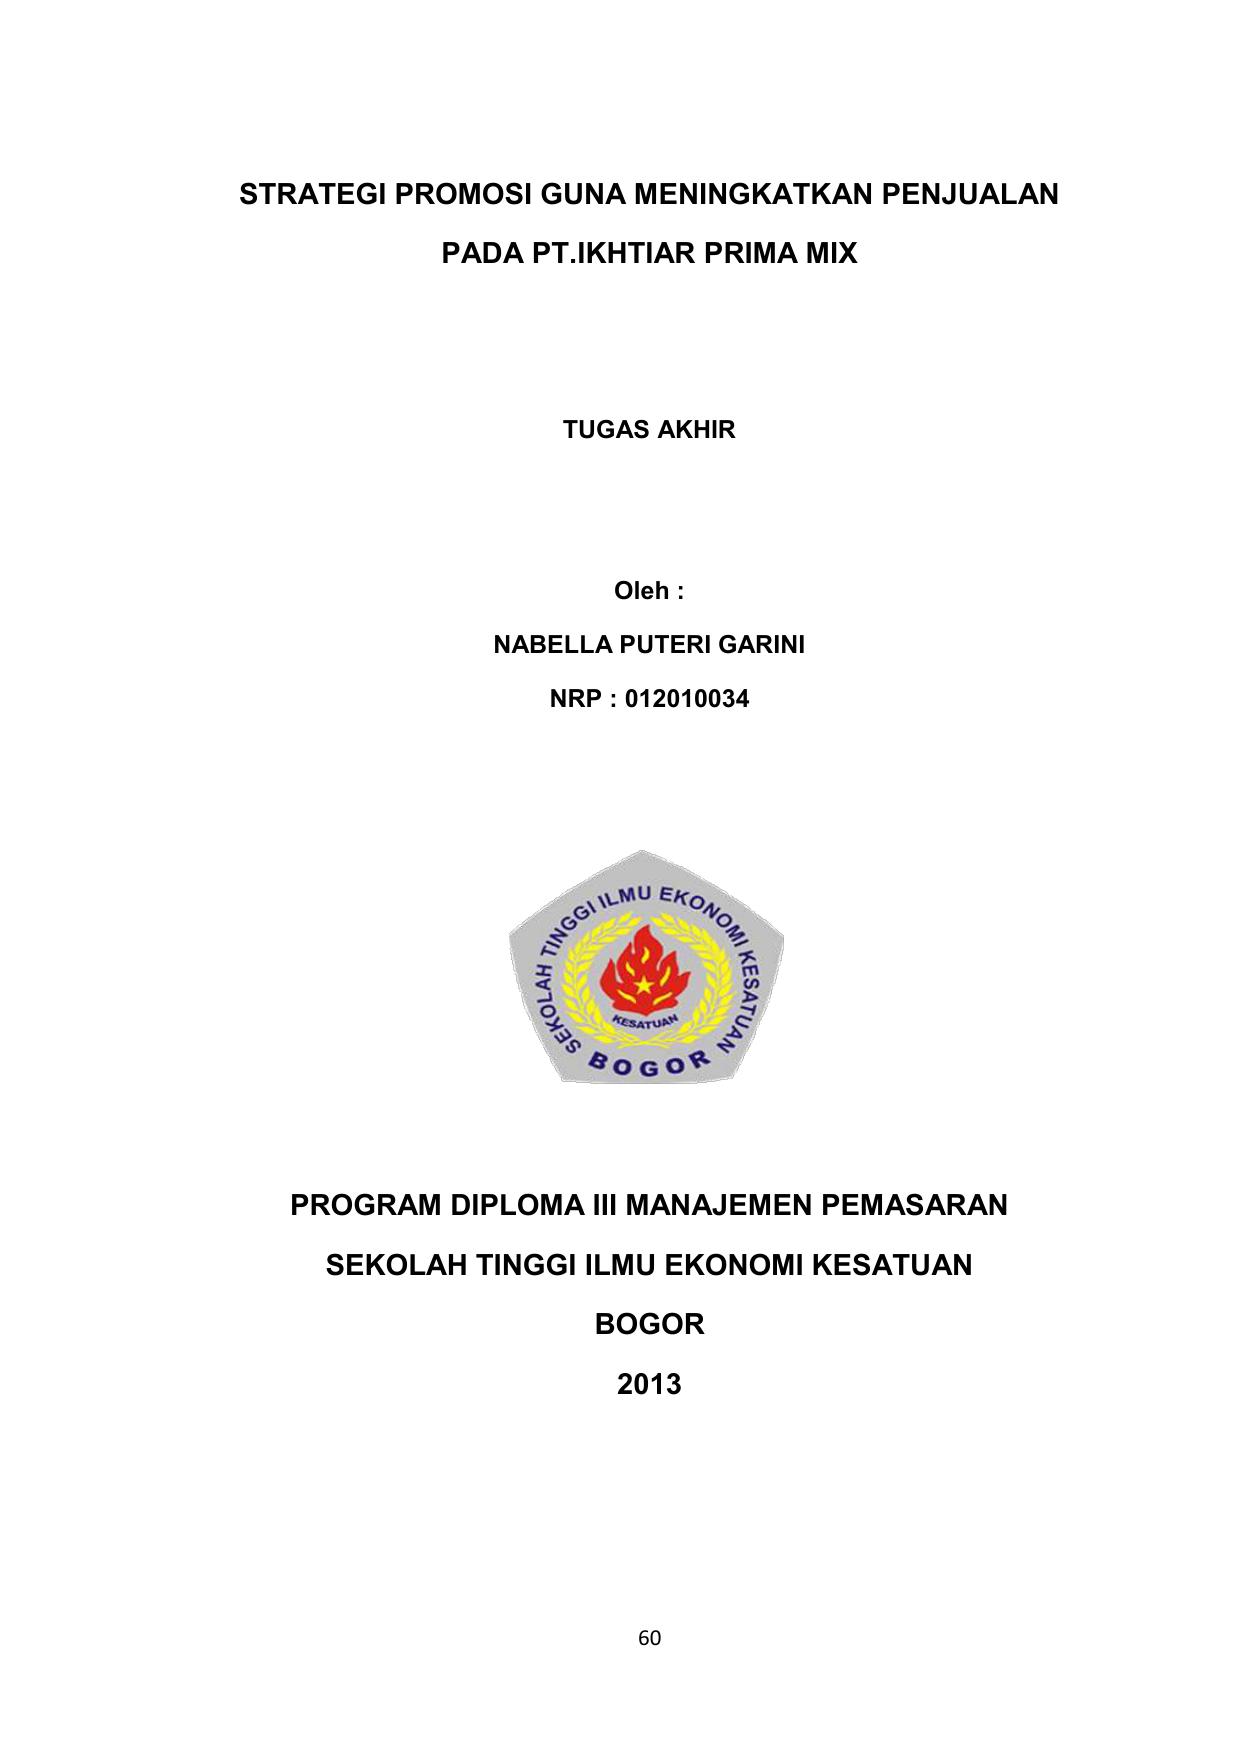 Strategi Promosi Guna Meningkatkan Penjualan Pada Pt Ikhtiar Prima